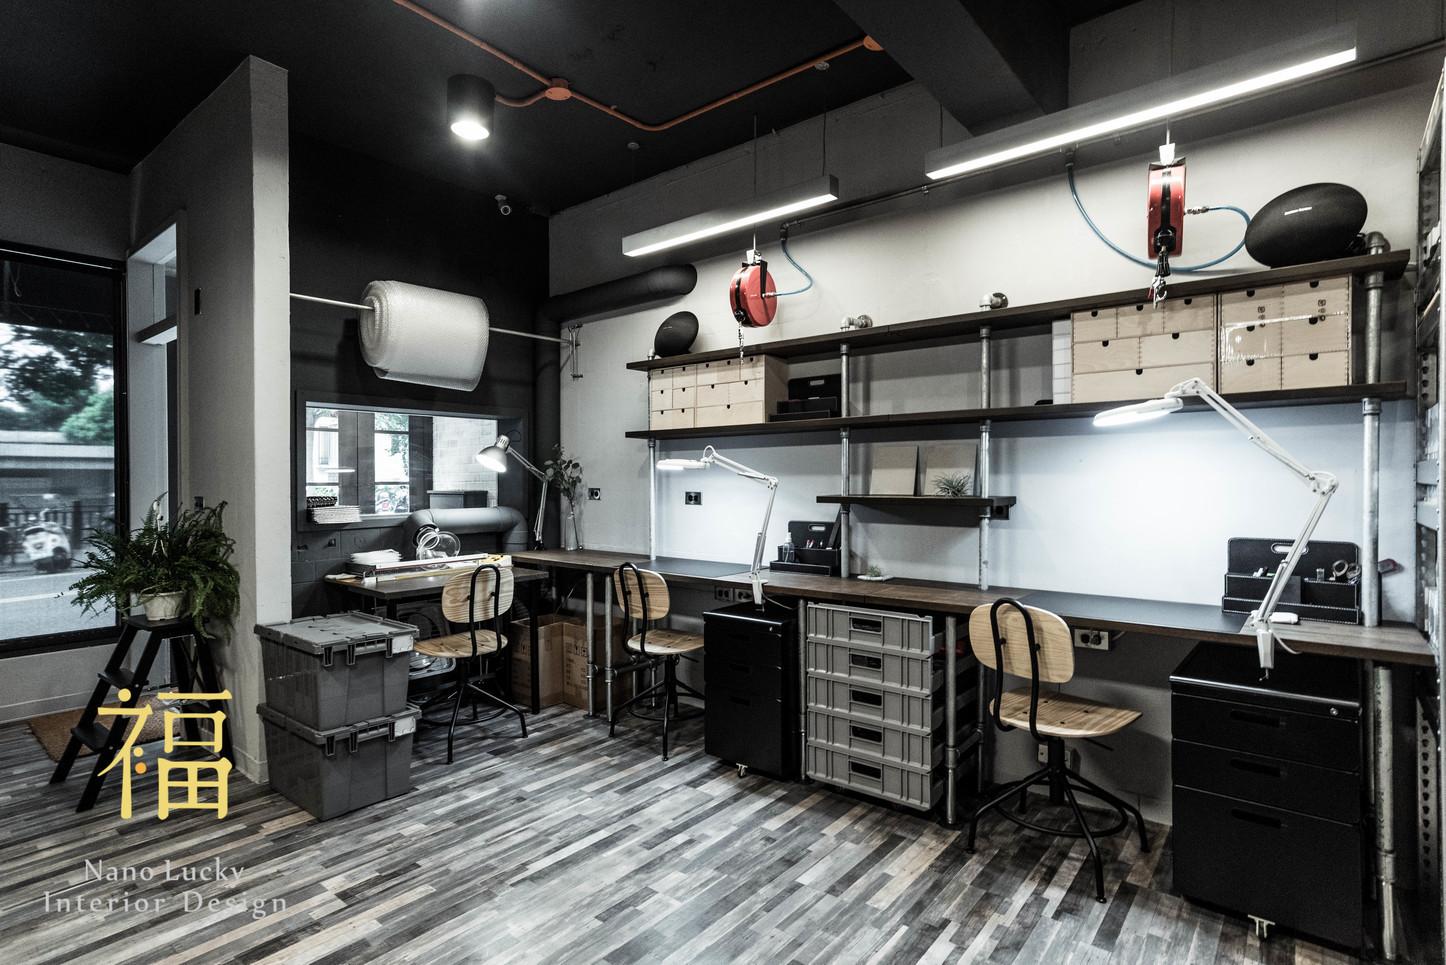 Nanolucky小福砌空間設計-何方國際開發-商空設計-商務工作室規劃-工業風